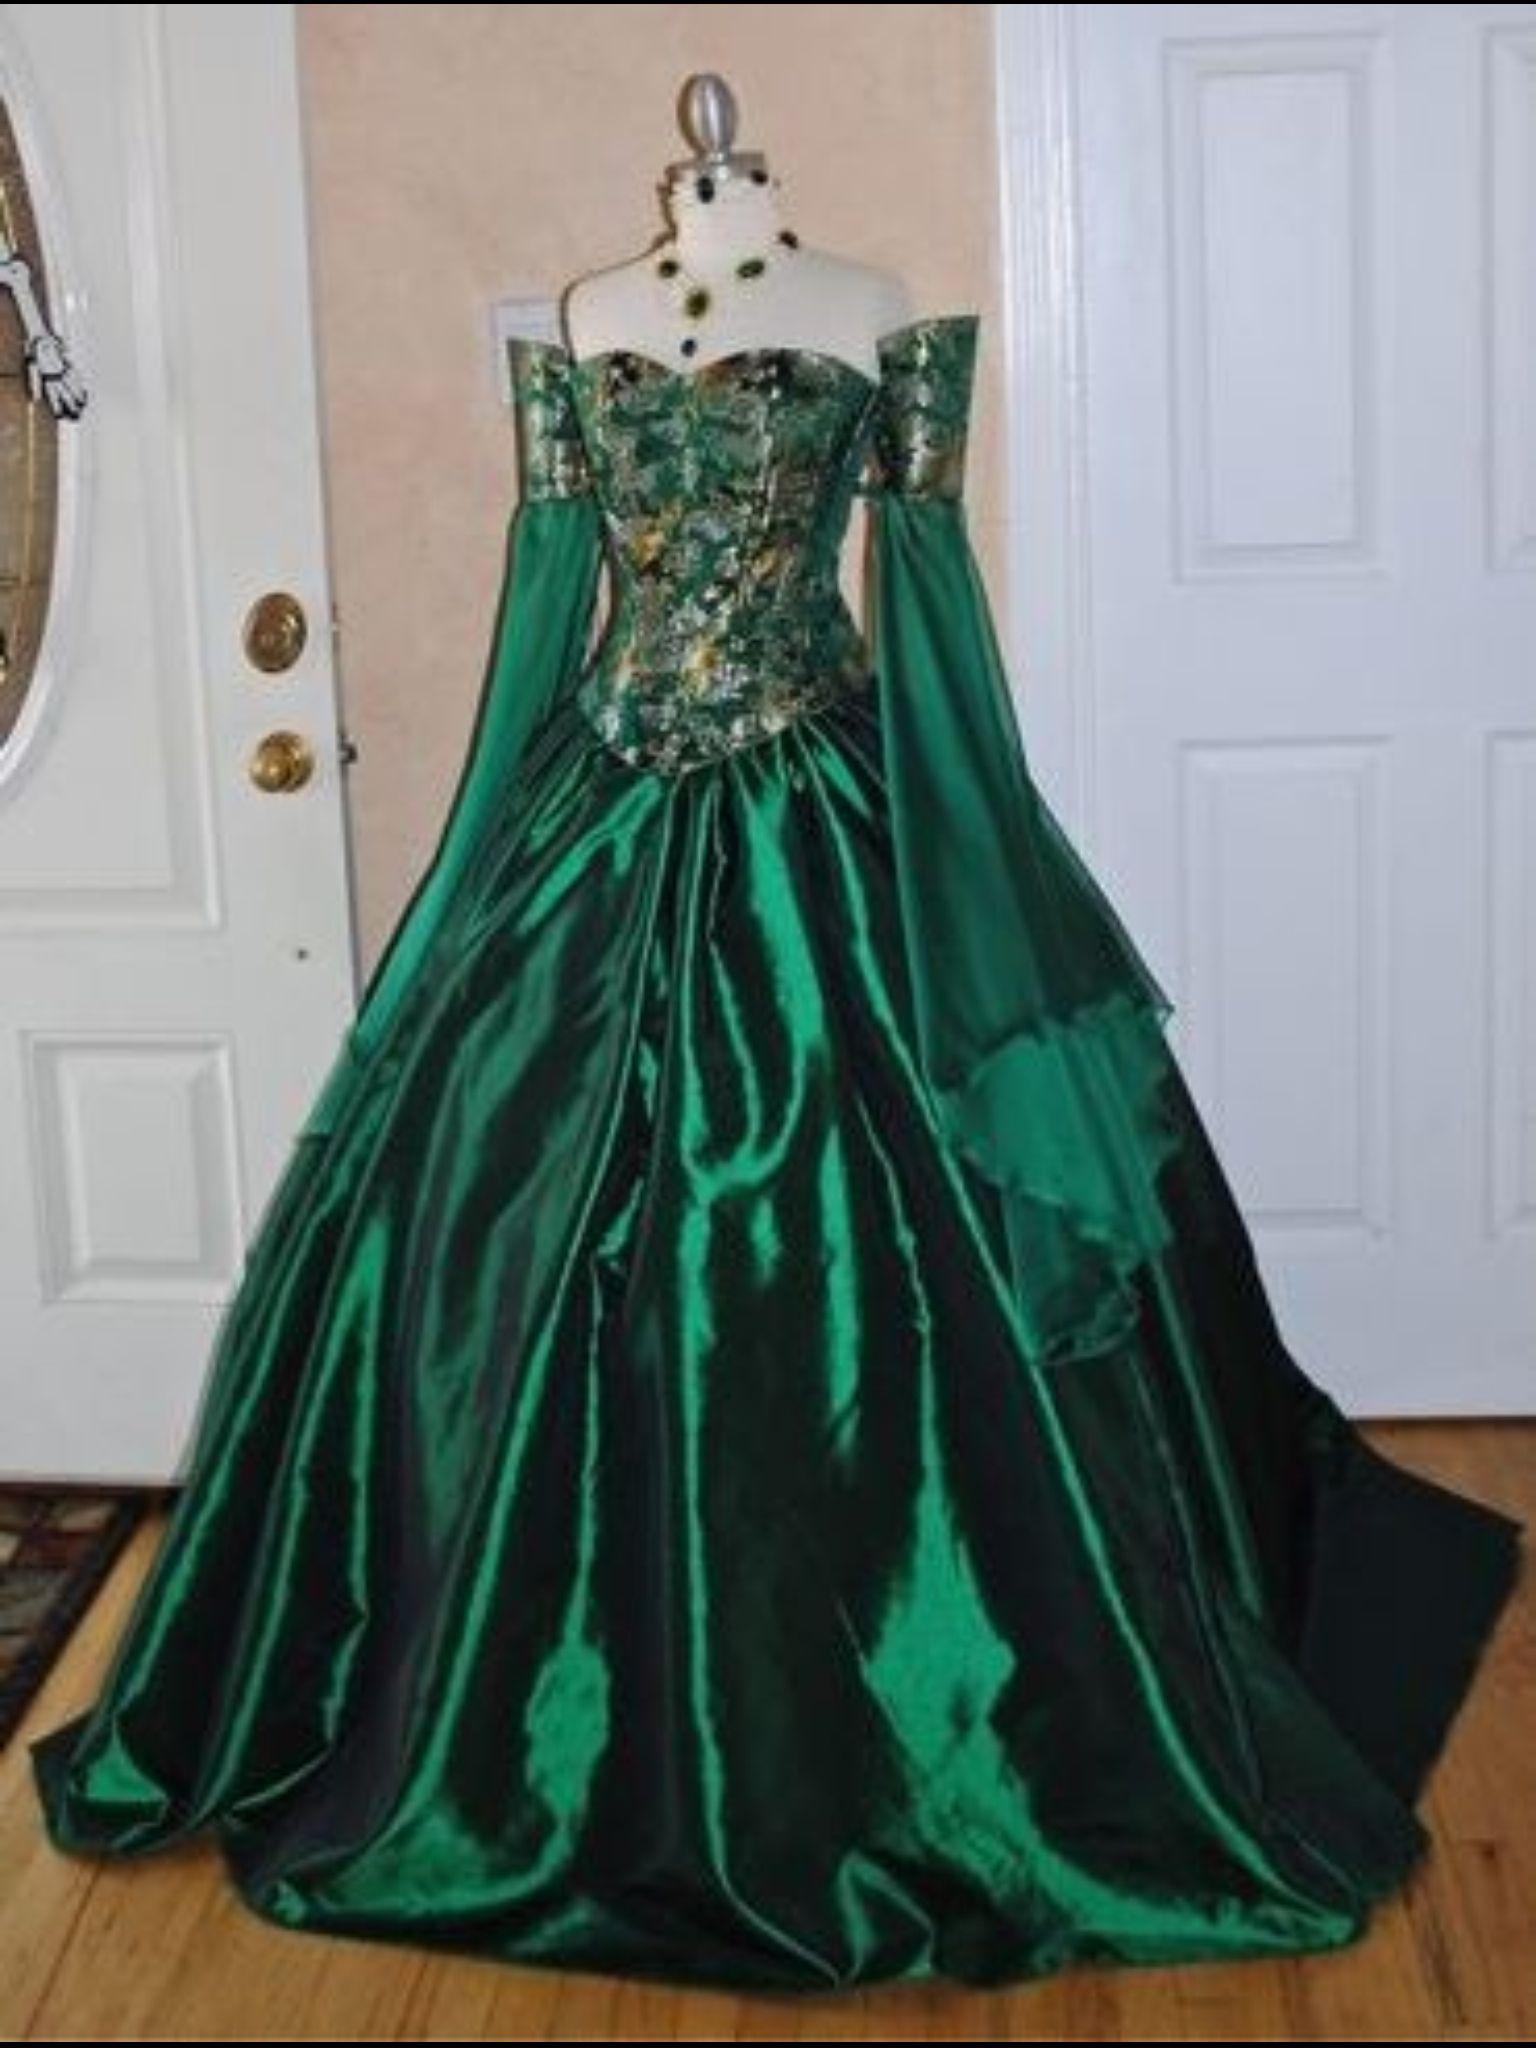 Emerald dress Victorian ball gowns, Fantasy dress, Ball